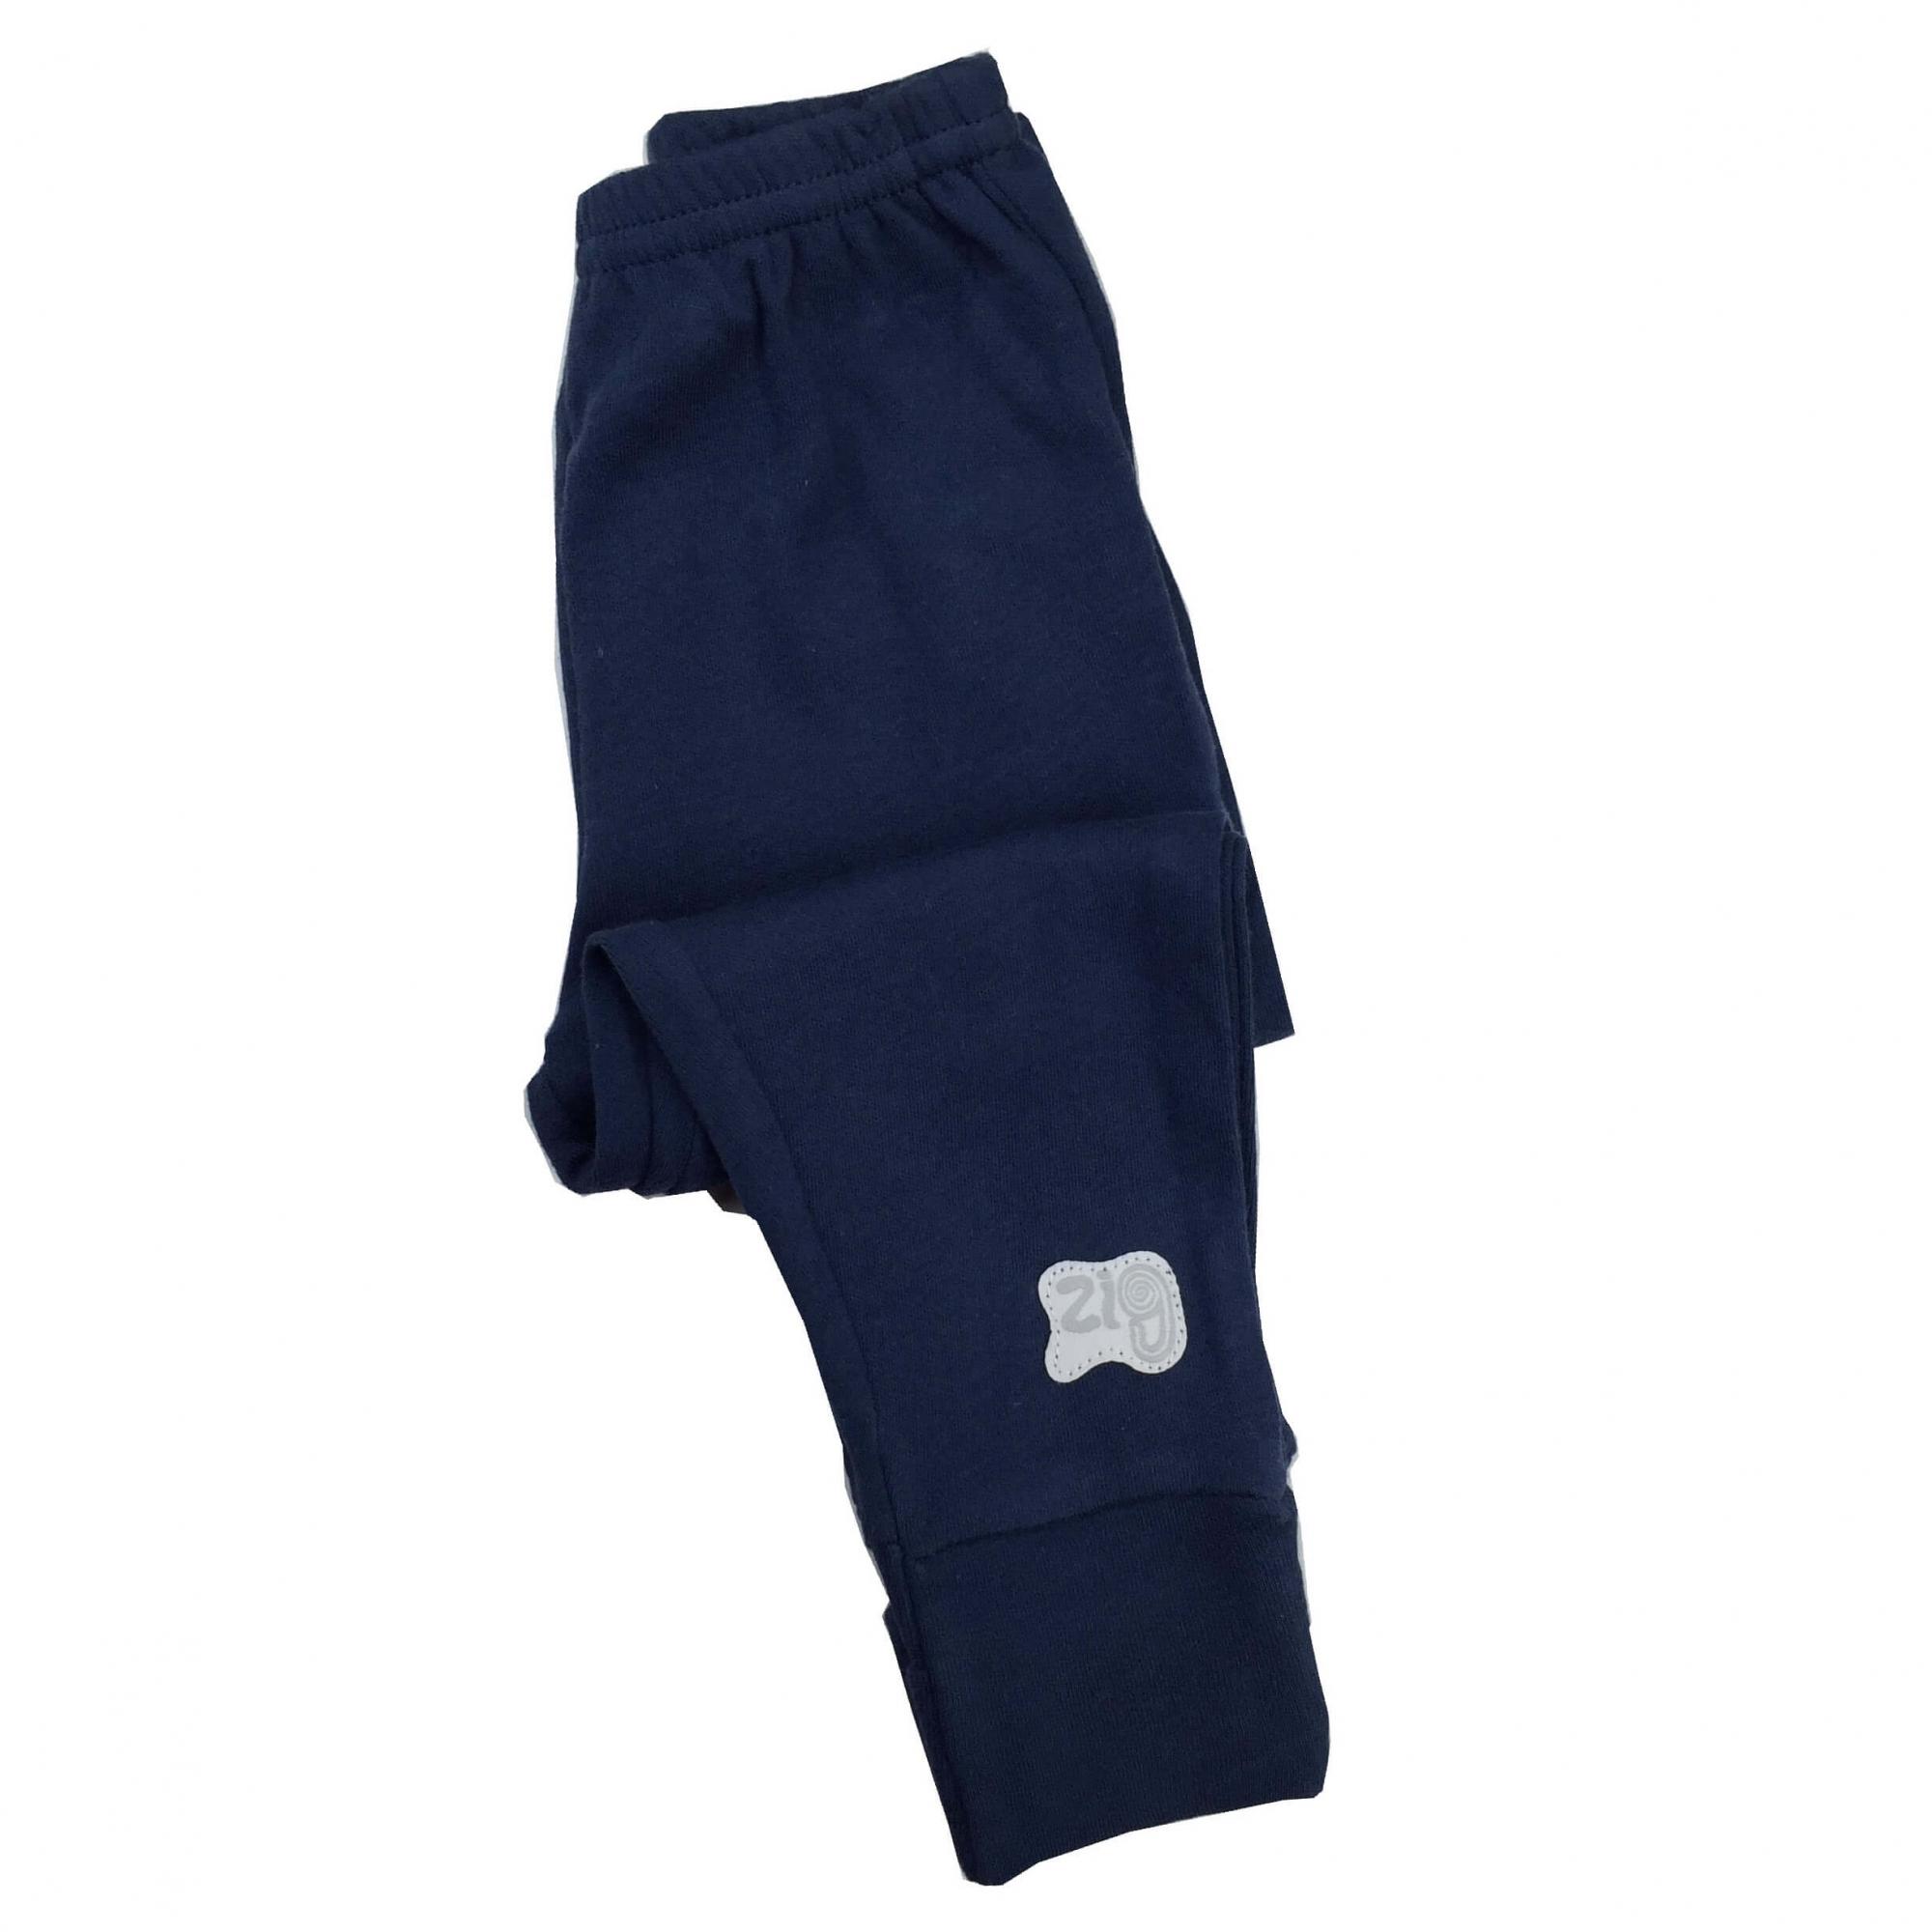 Calça Culote em malha com elástico na cintura Azul Marinho Zig Mundi